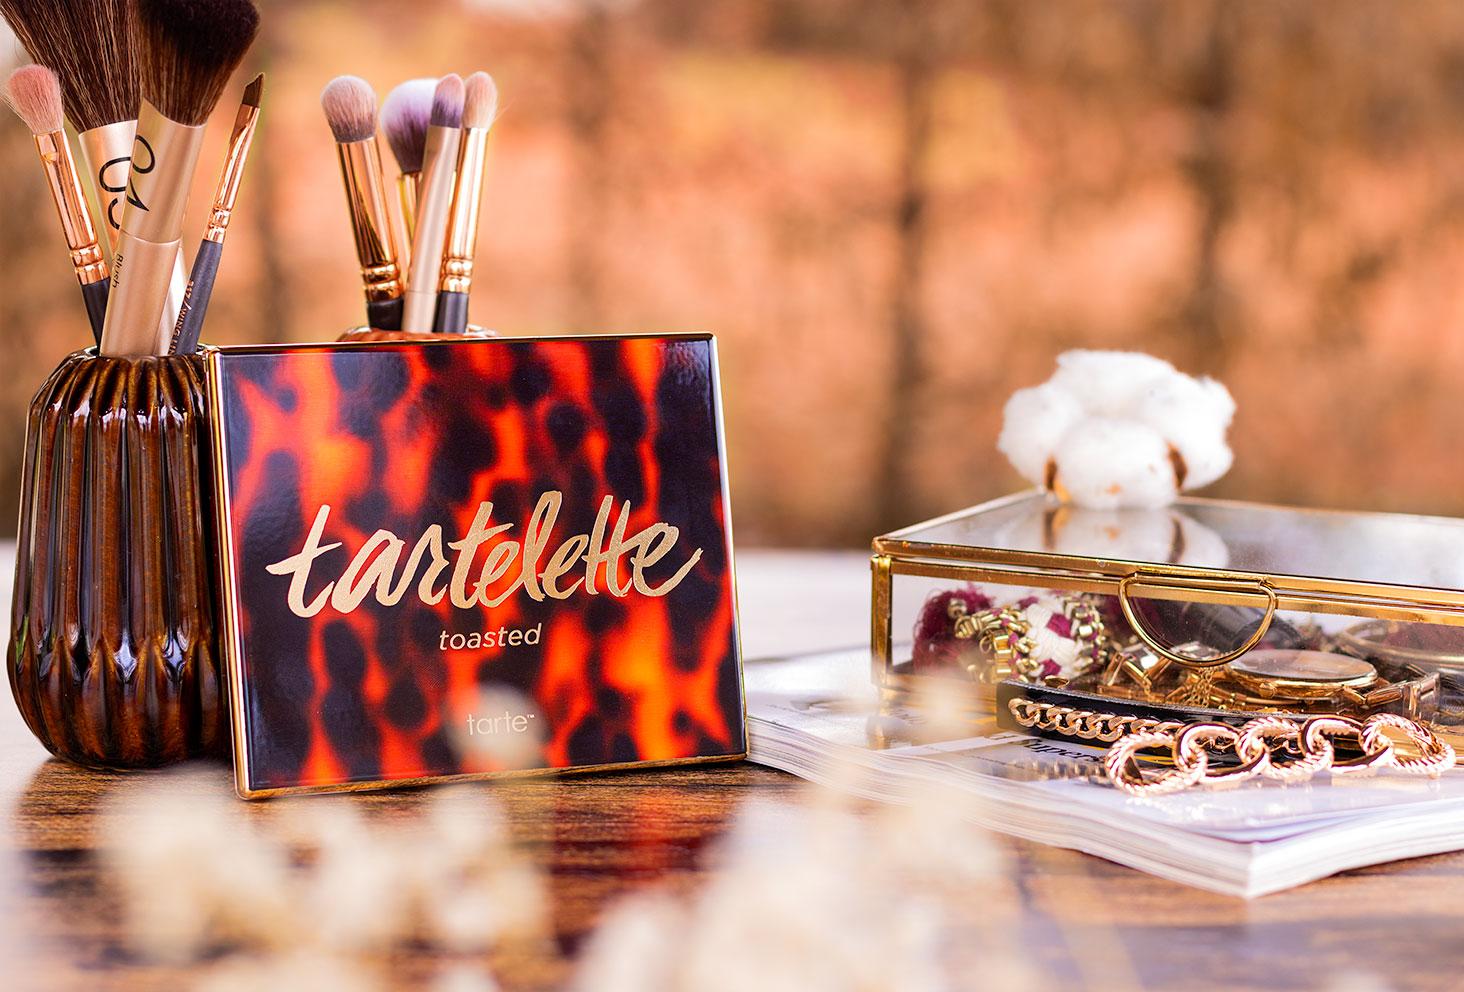 La palette Tartelette Toasted de Tarte appuyée le long de pots à pinceaux de maquillage, sur une table en bois, à côté d'une boîte à bijoux dorée